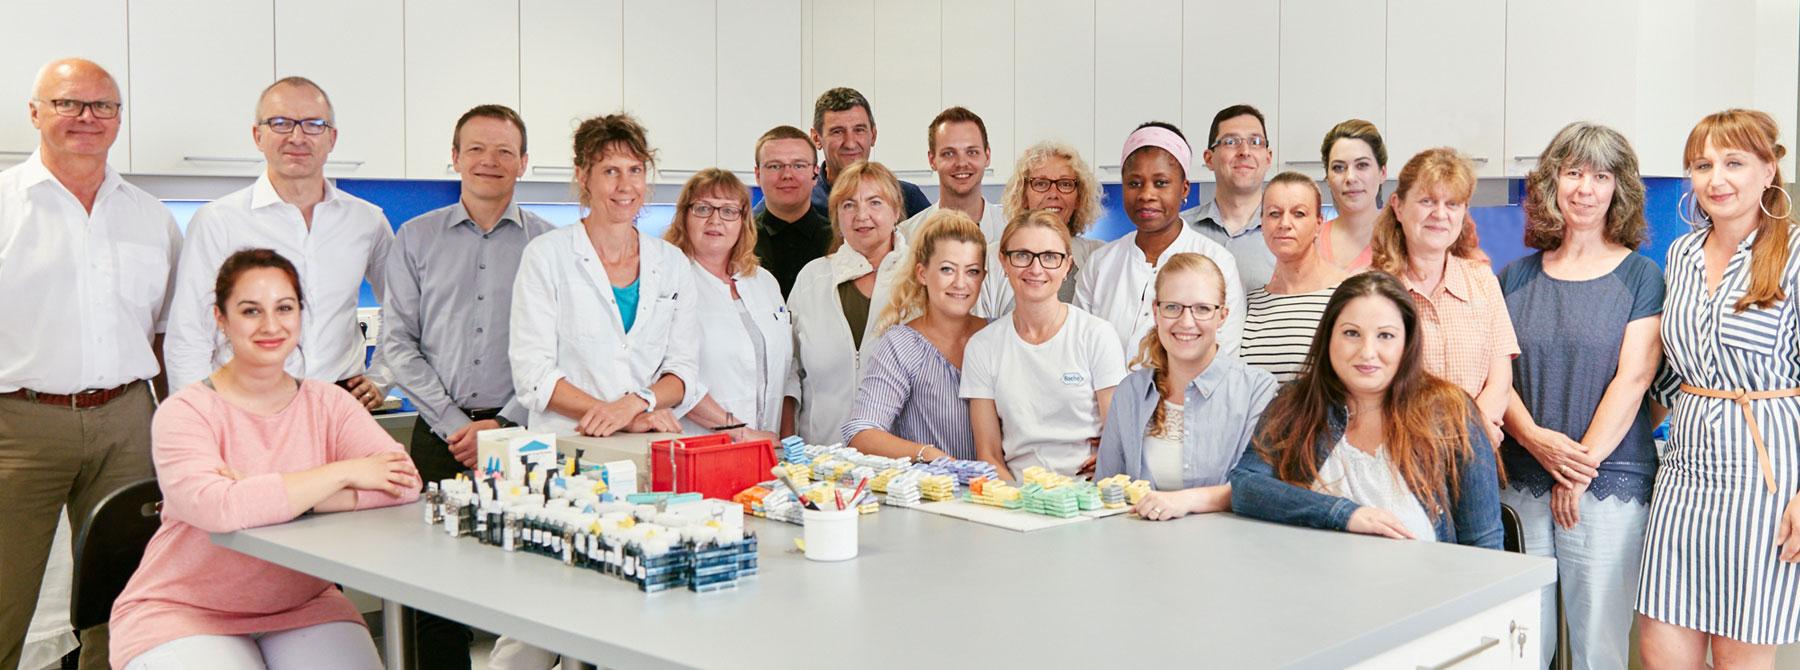 Teambild mit Ärzten, Sekretariat und Laborpersonal